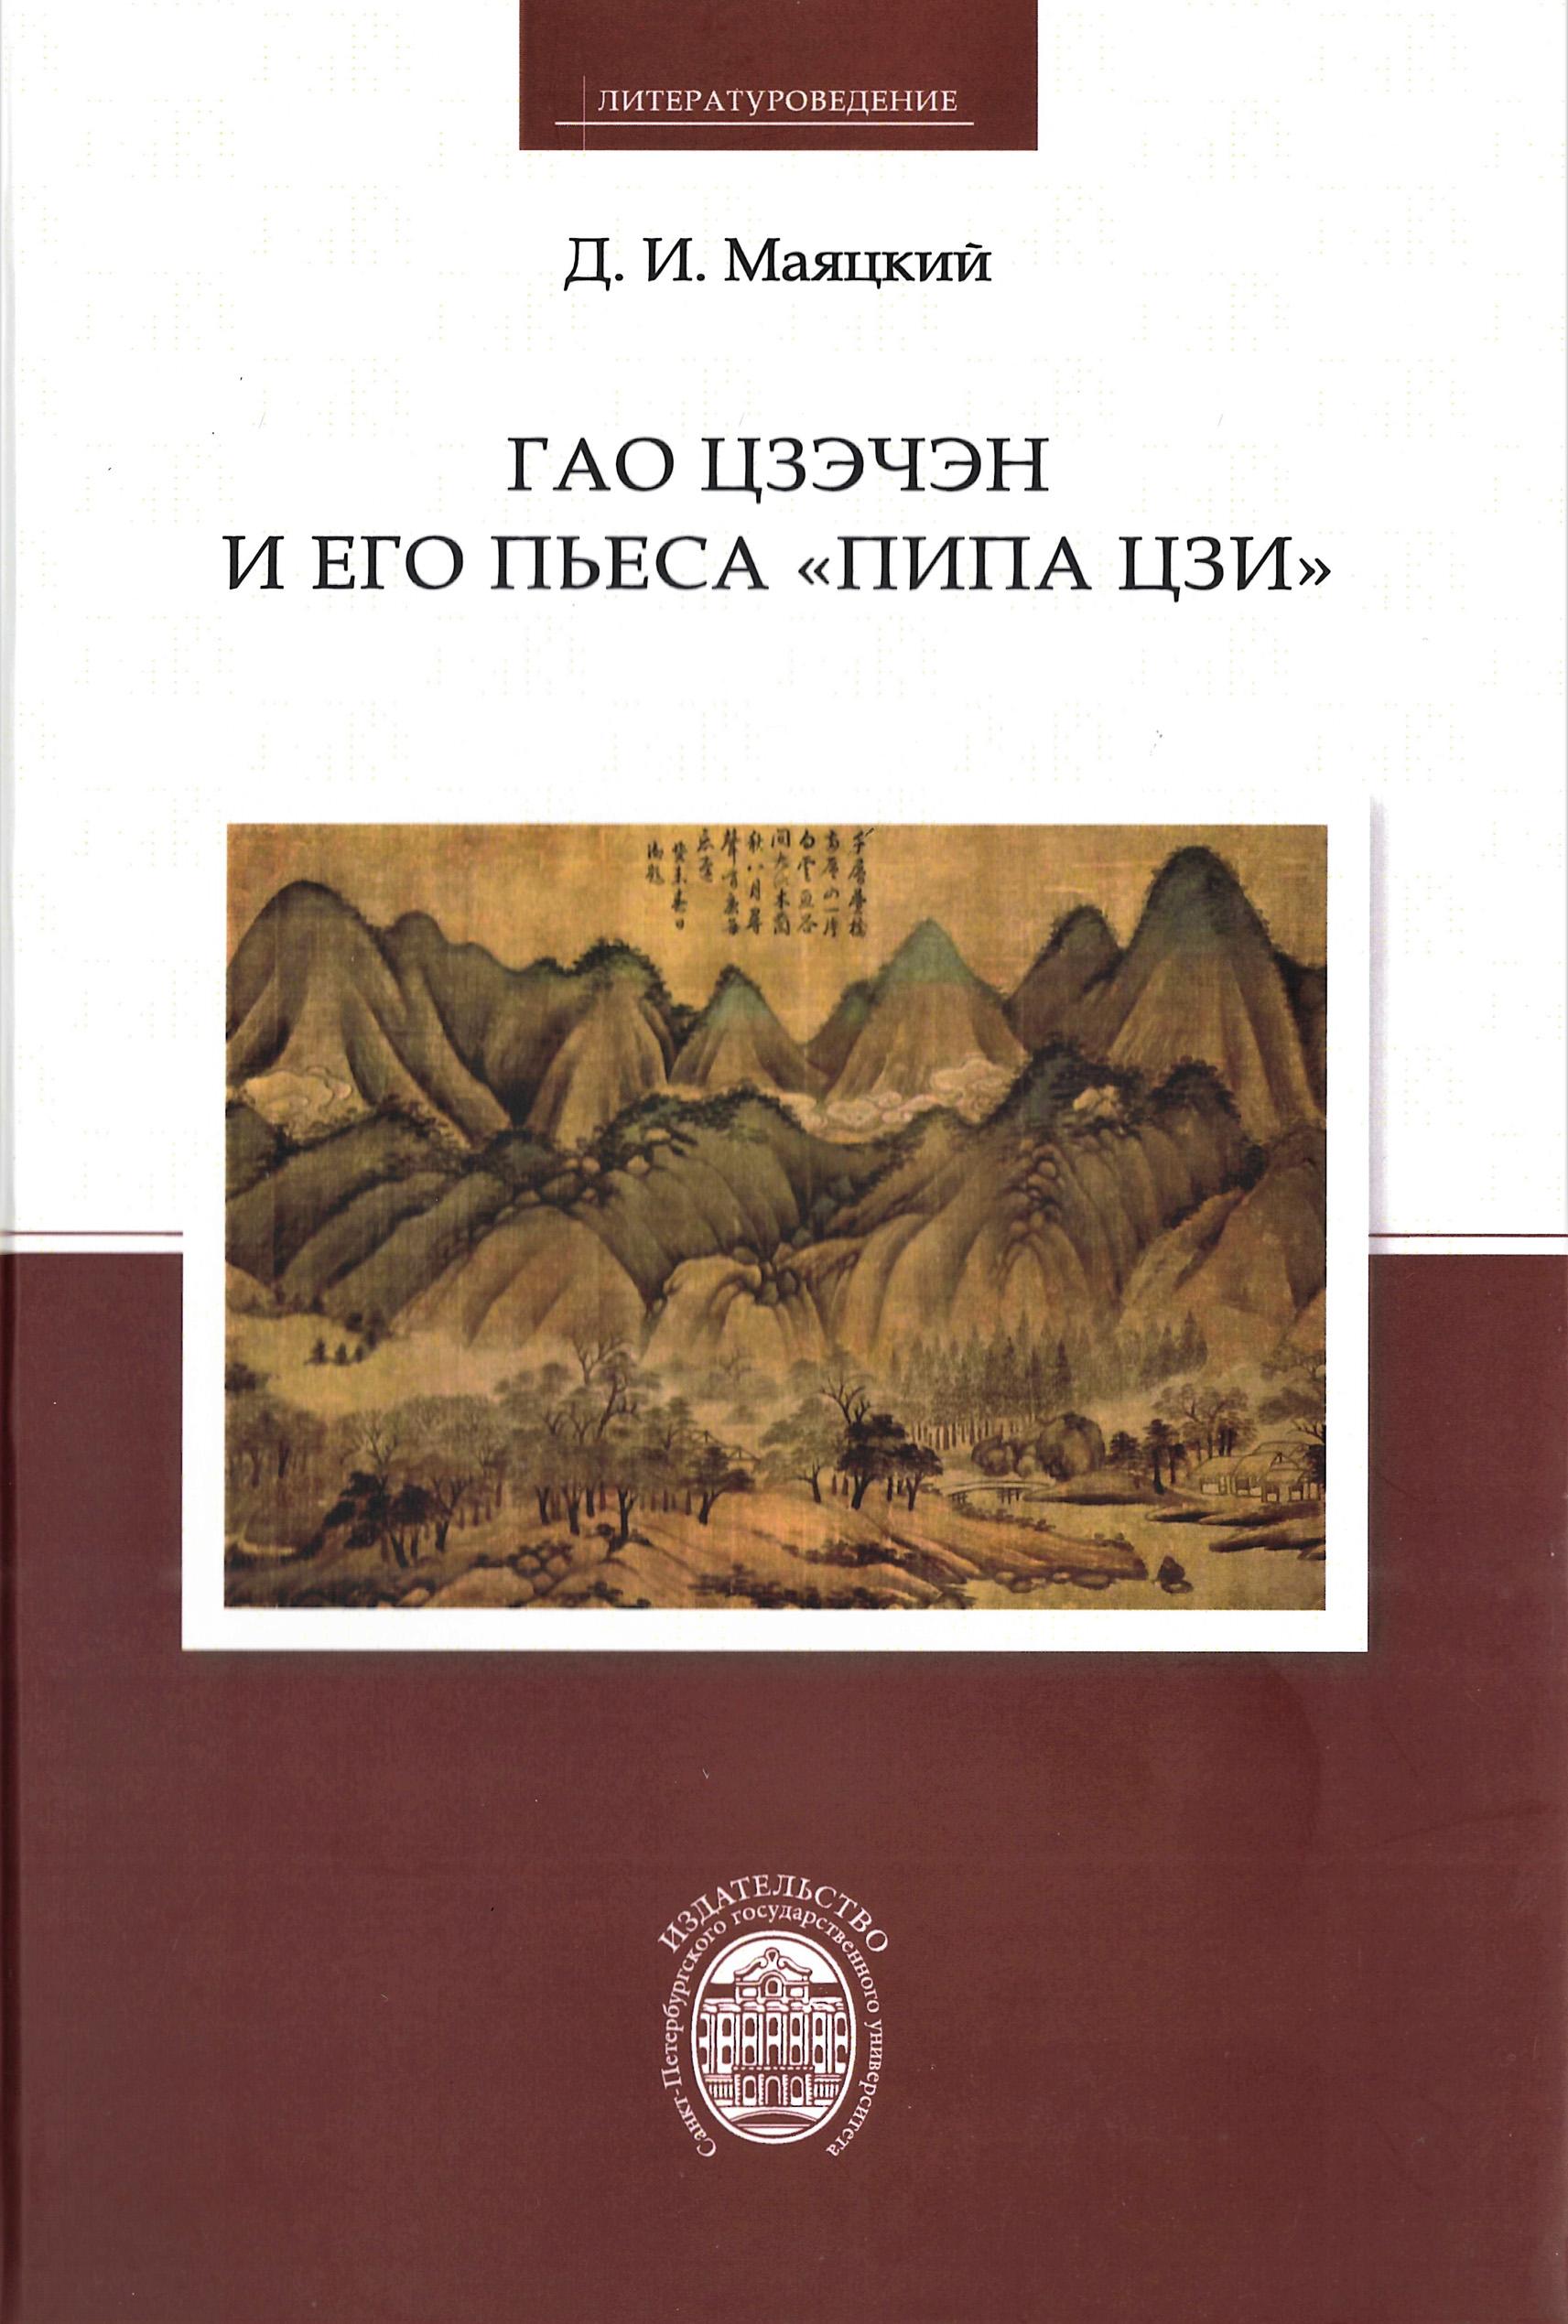 Купить книгу Гао Цзэчэн и его пьеса «Пипа цзи», автора Д. И. Маяцкого